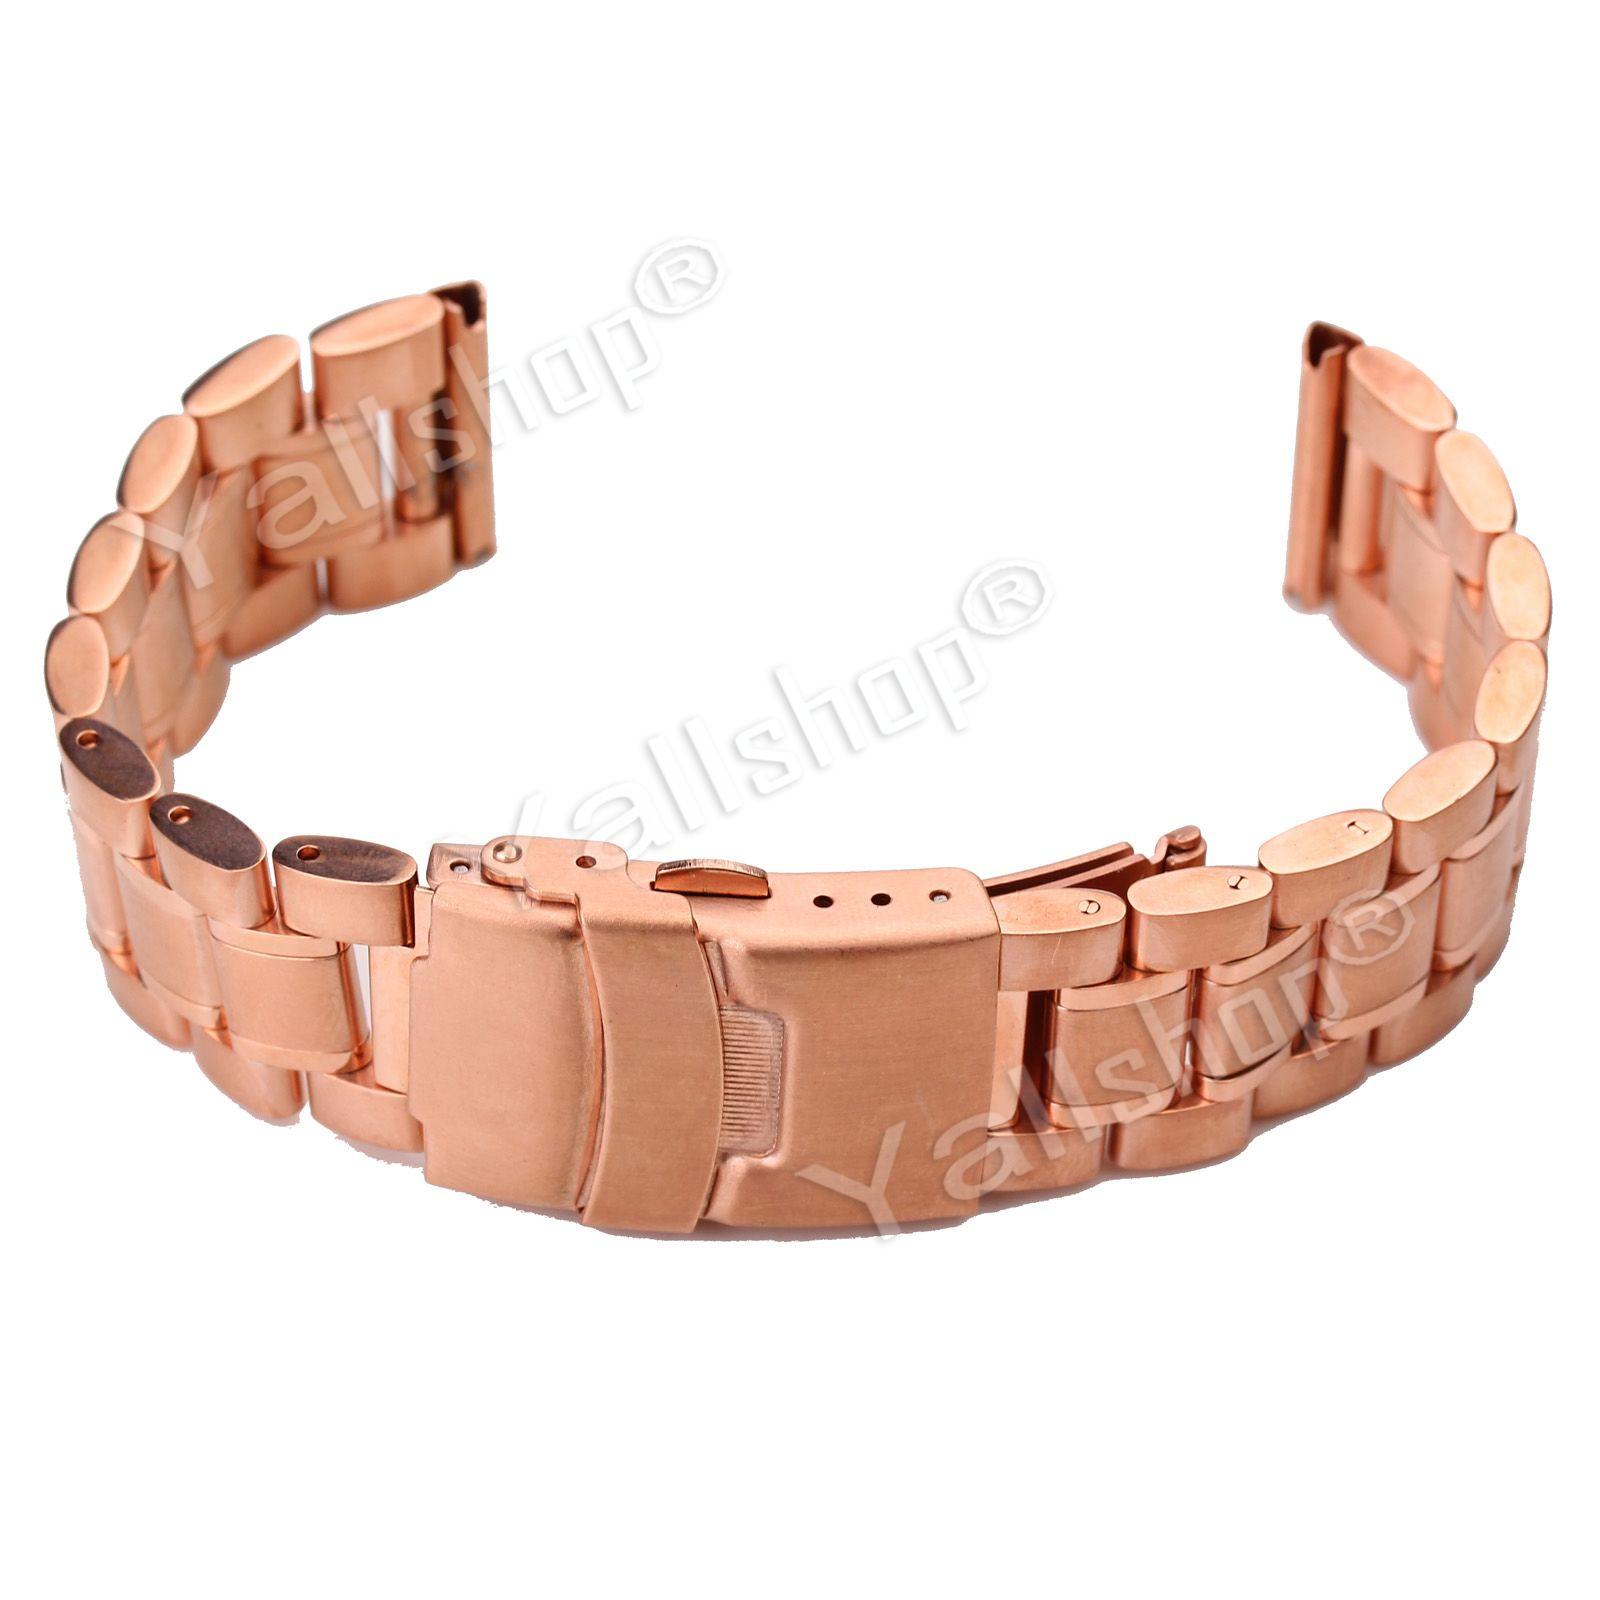 18 20 22 24mm Stainless Steel Men's Watch Band Strap Double Lock Flip  Bracelet